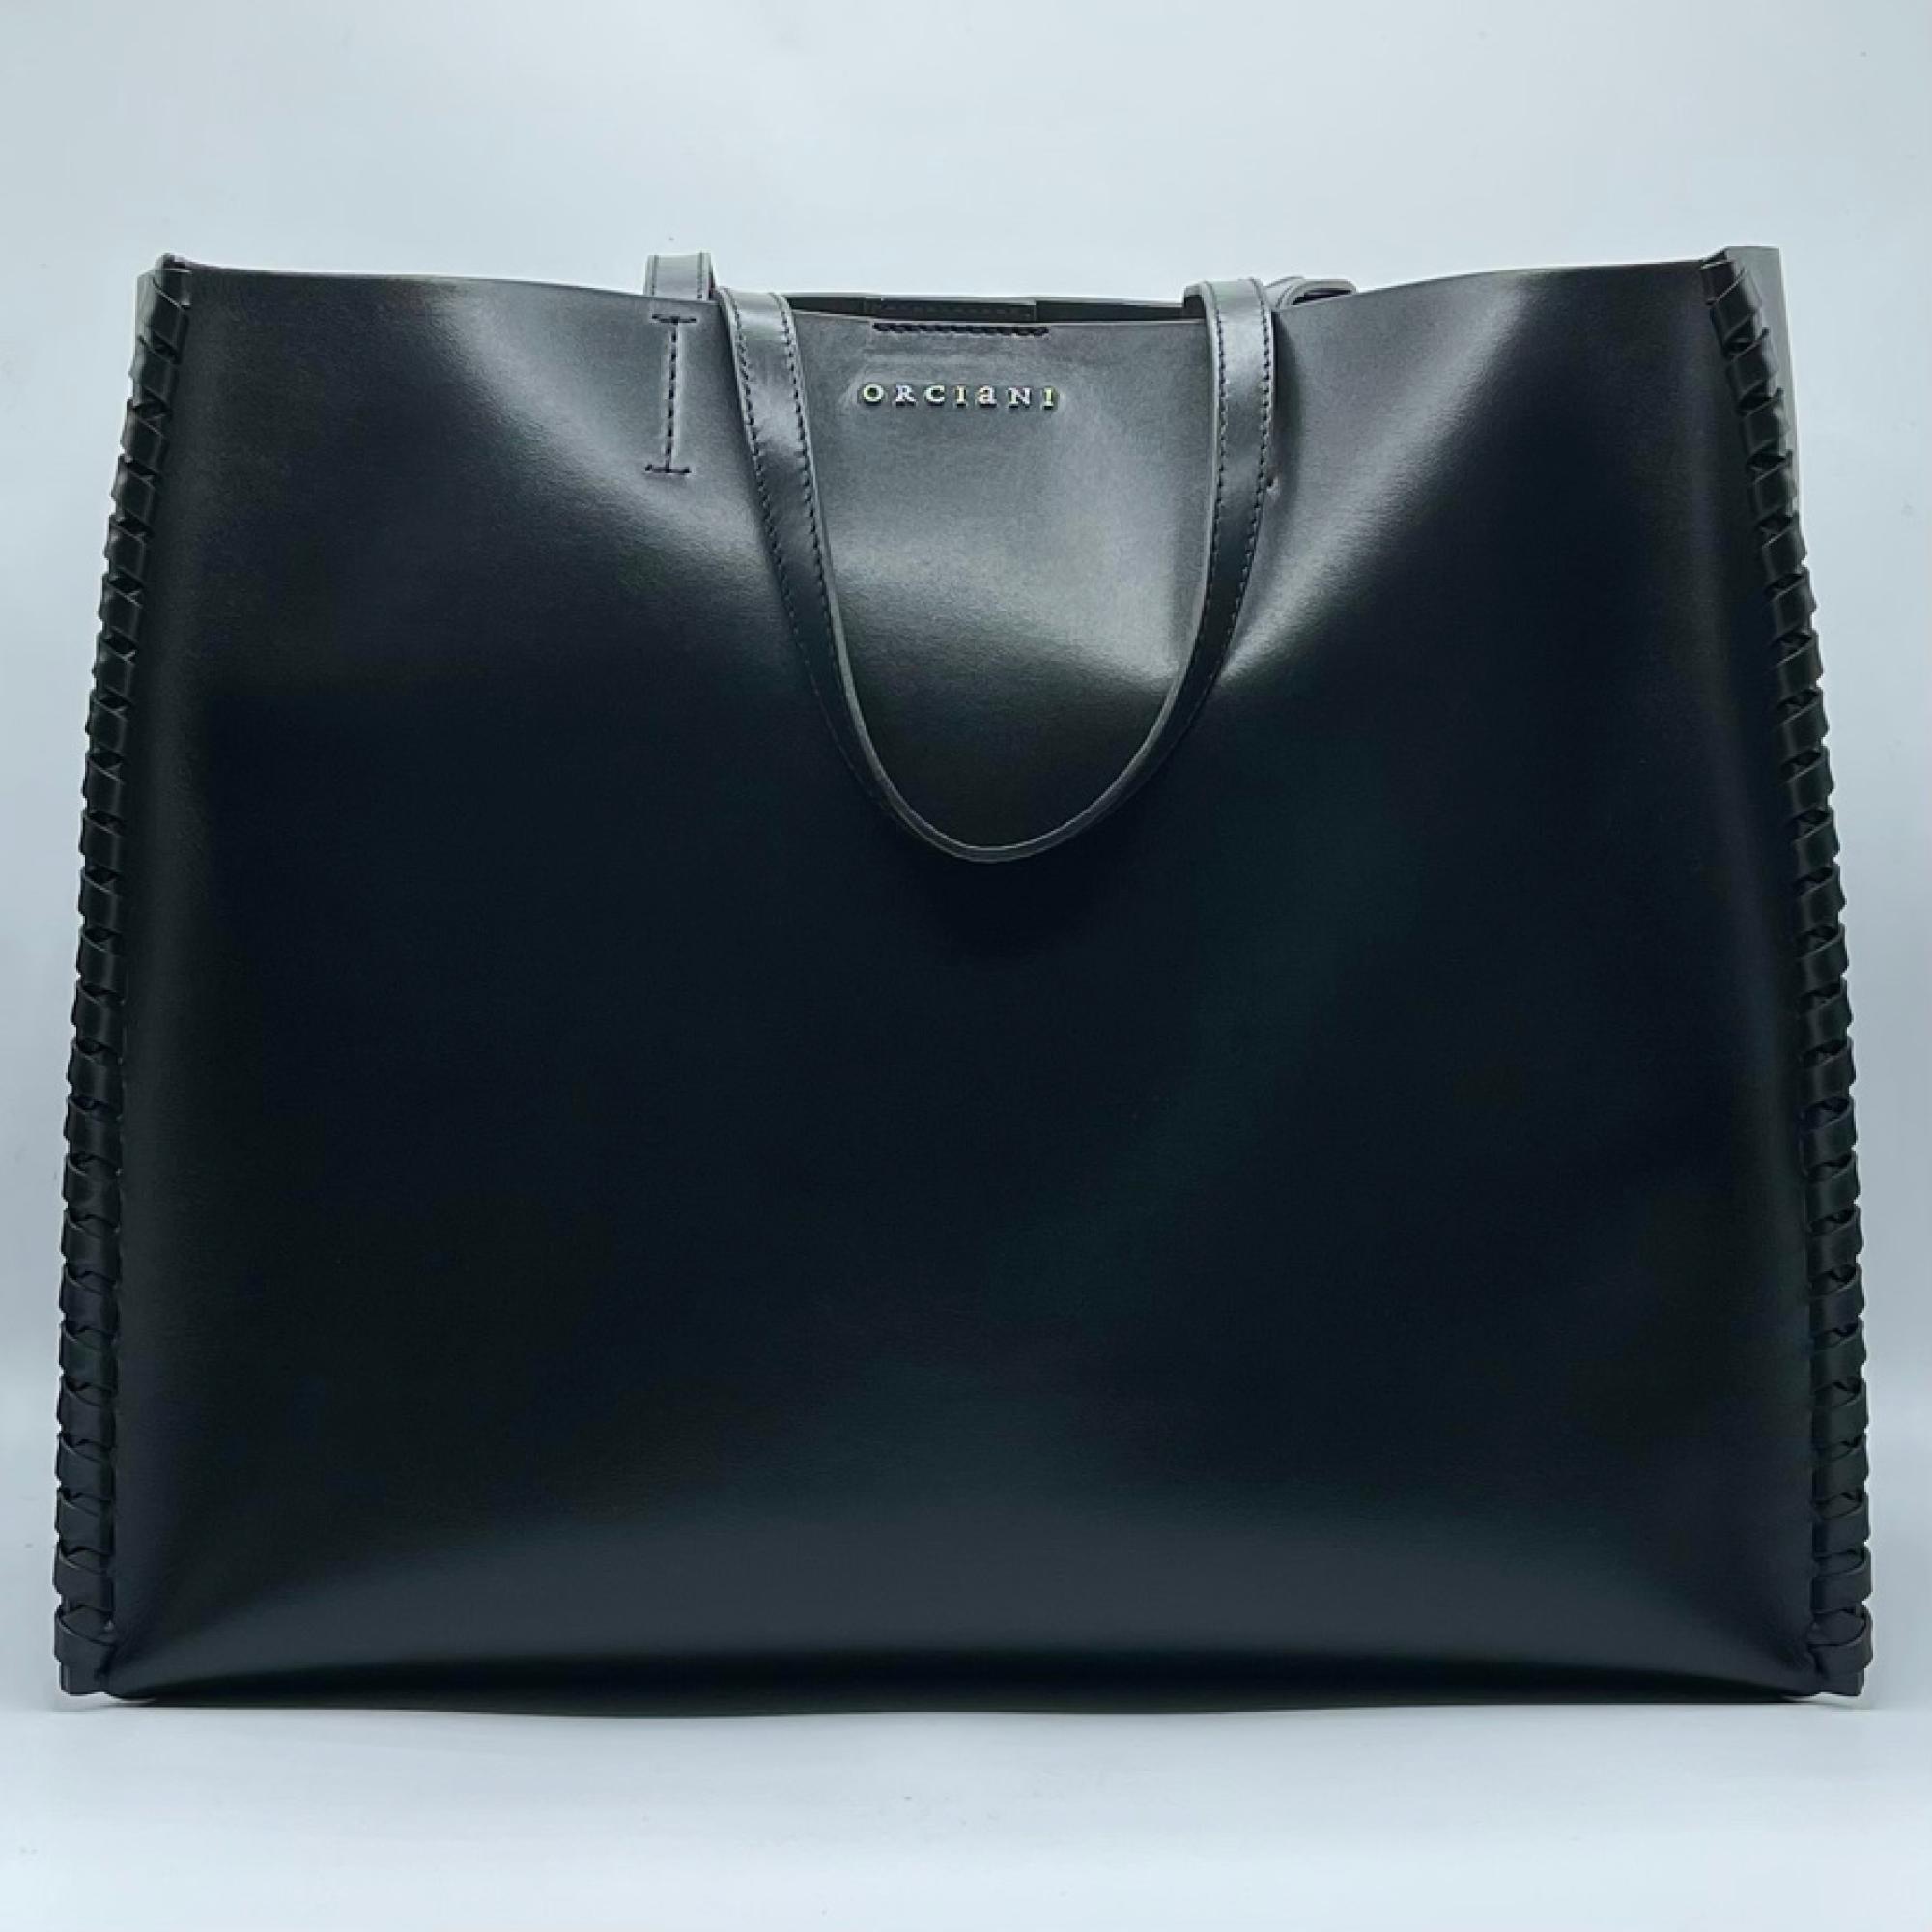 Shopping Bag ORCIANI